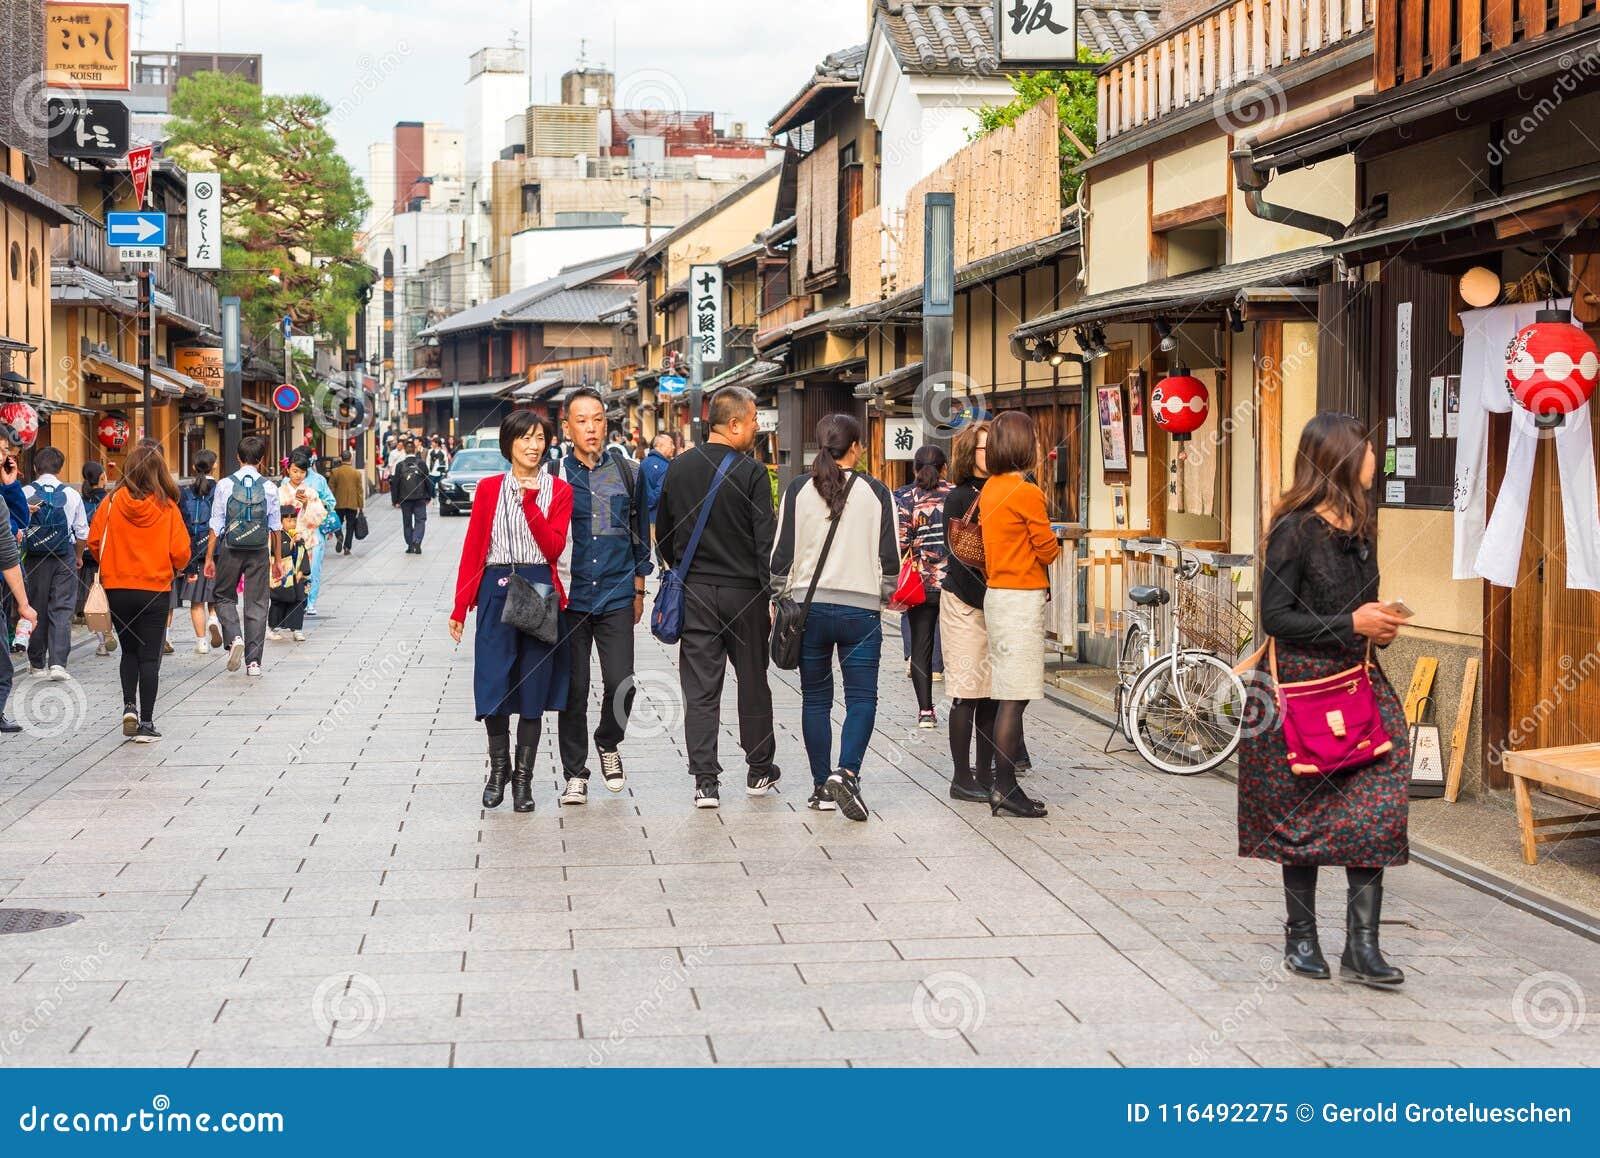 KYOTO, JAPÃO - 7 DE NOVEMBRO DE 2017: Grupos de pessoas em uma rua da cidade Copie o espaço para o texto